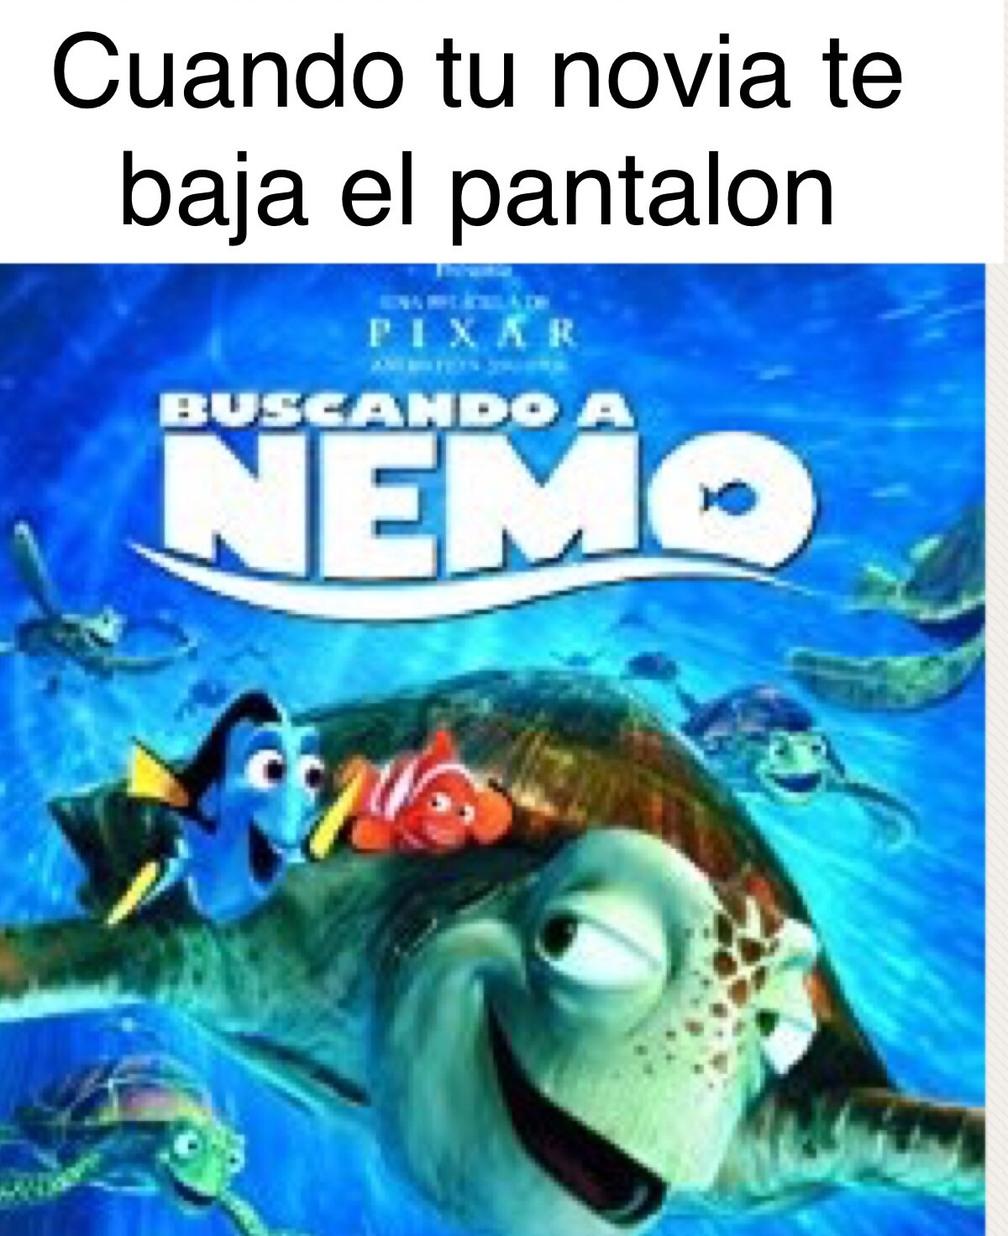 Buscando a Nemo - meme